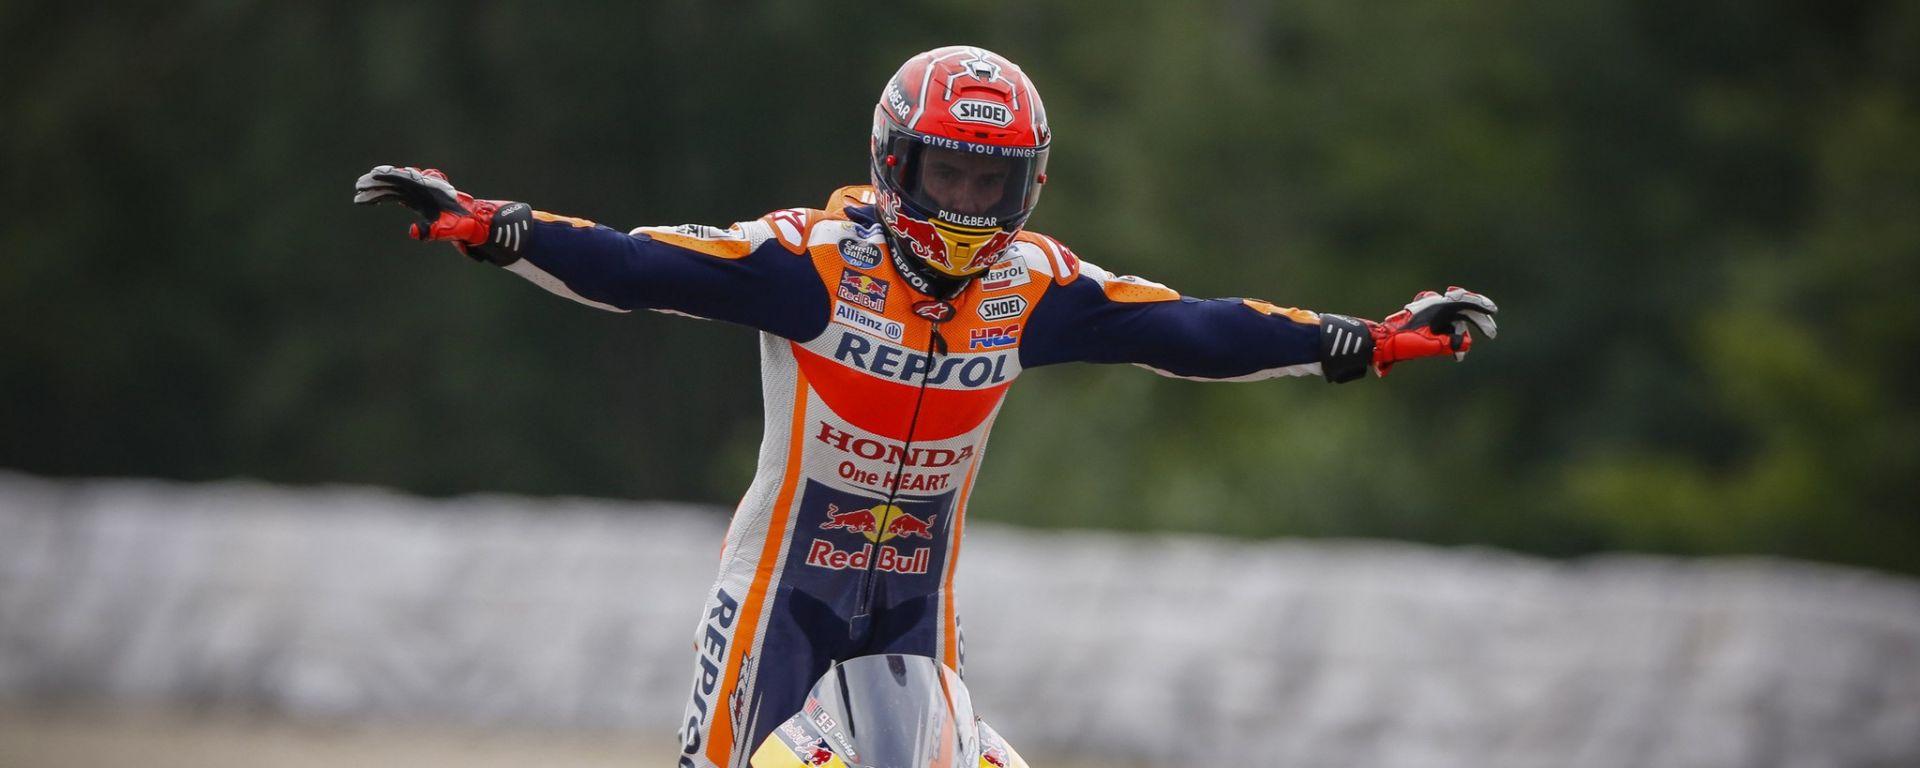 MotoGP Repubblica Ceca 2017: le pagelle di Brno